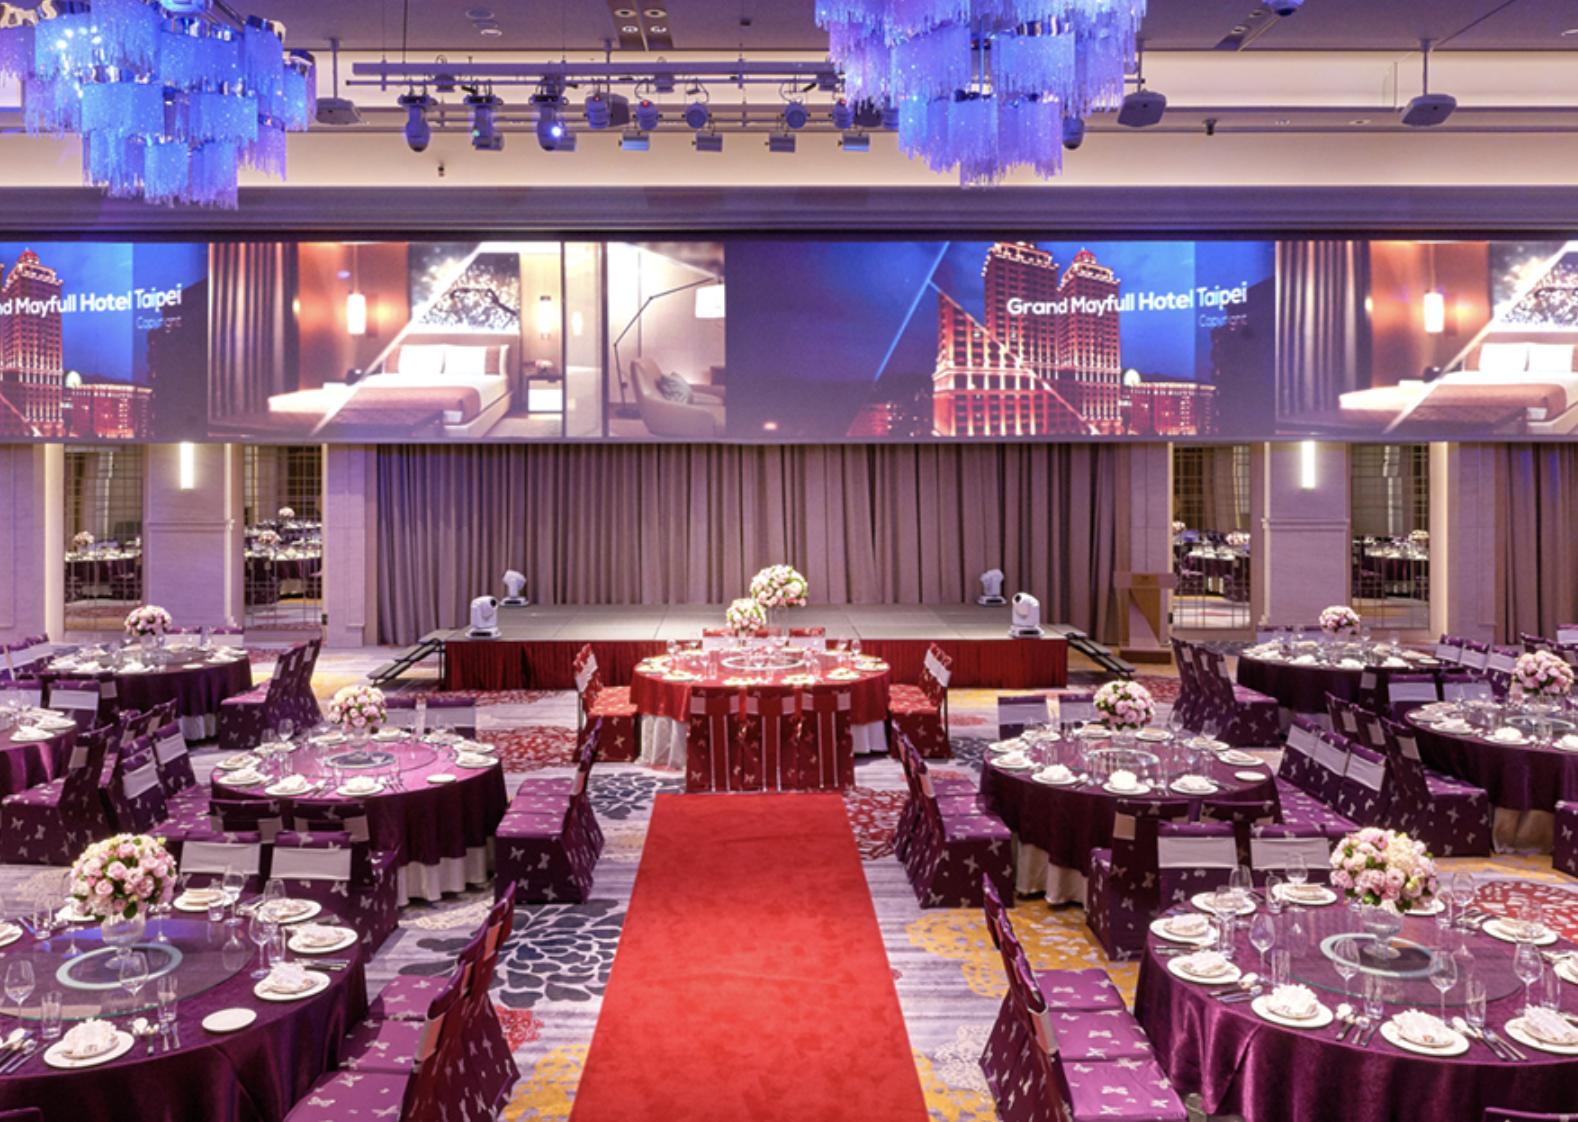 囍·台北11間飯店場勘心得與優缺點-萬豪、君品、國賓、福華、喜來登、艾麗、艾美、君悅、遠企、萬怡、維多麗亞